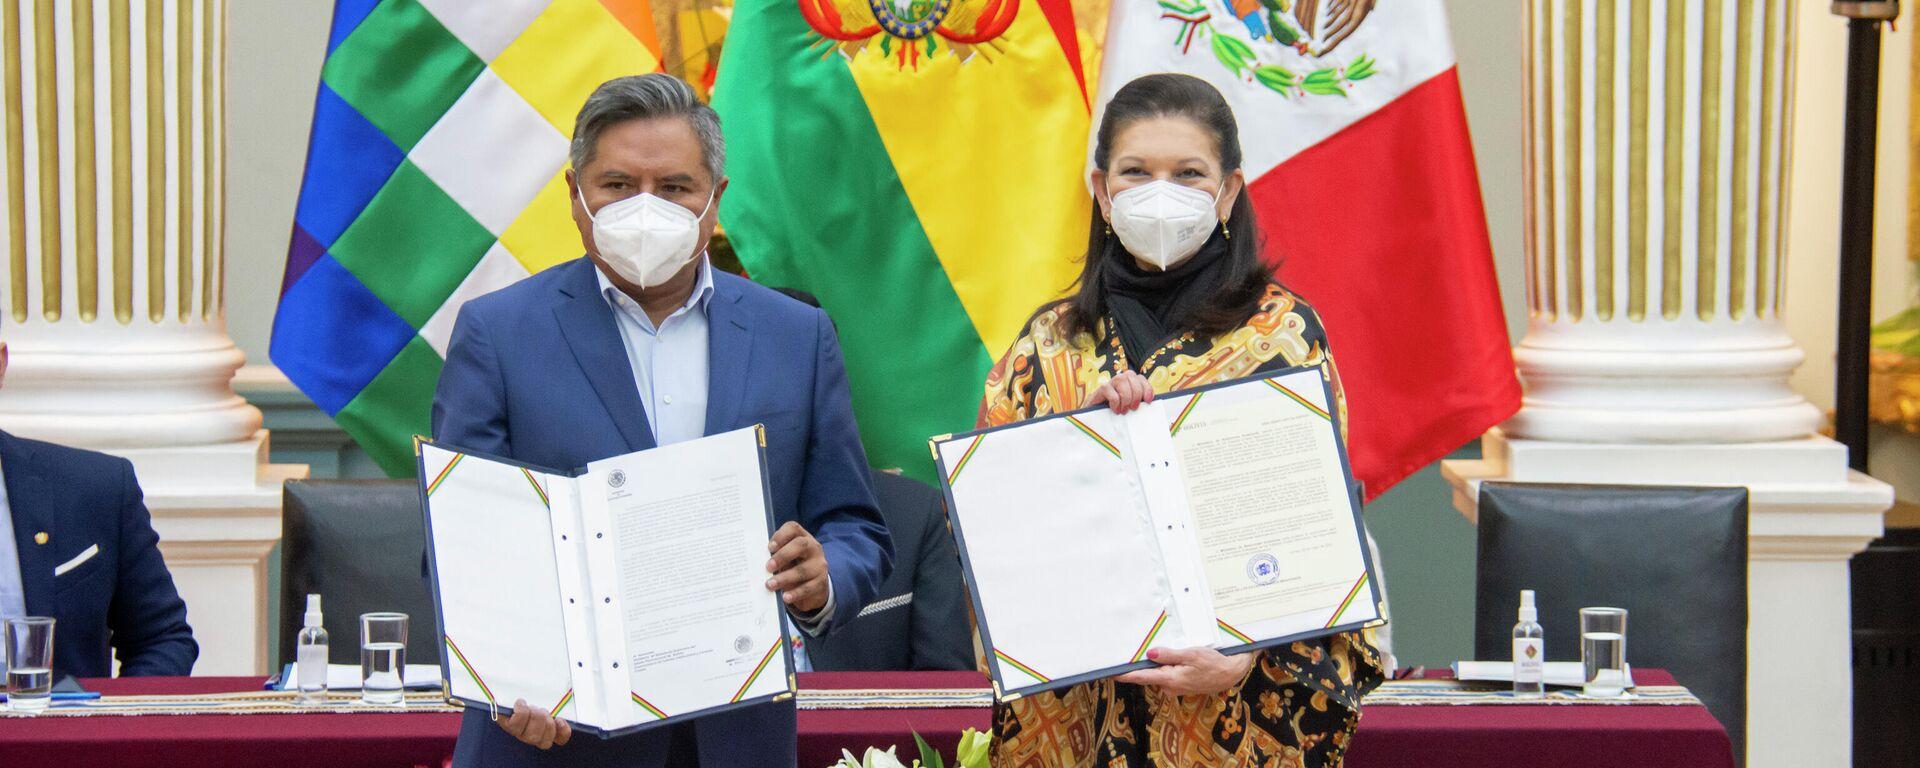 Ministro de Relaciones Exteriores de Bolivia, Rogelio Mayta, y la embajadora mexicana en Bolivia María Teresa Mercado - Sputnik Mundo, 1920, 14.07.2021